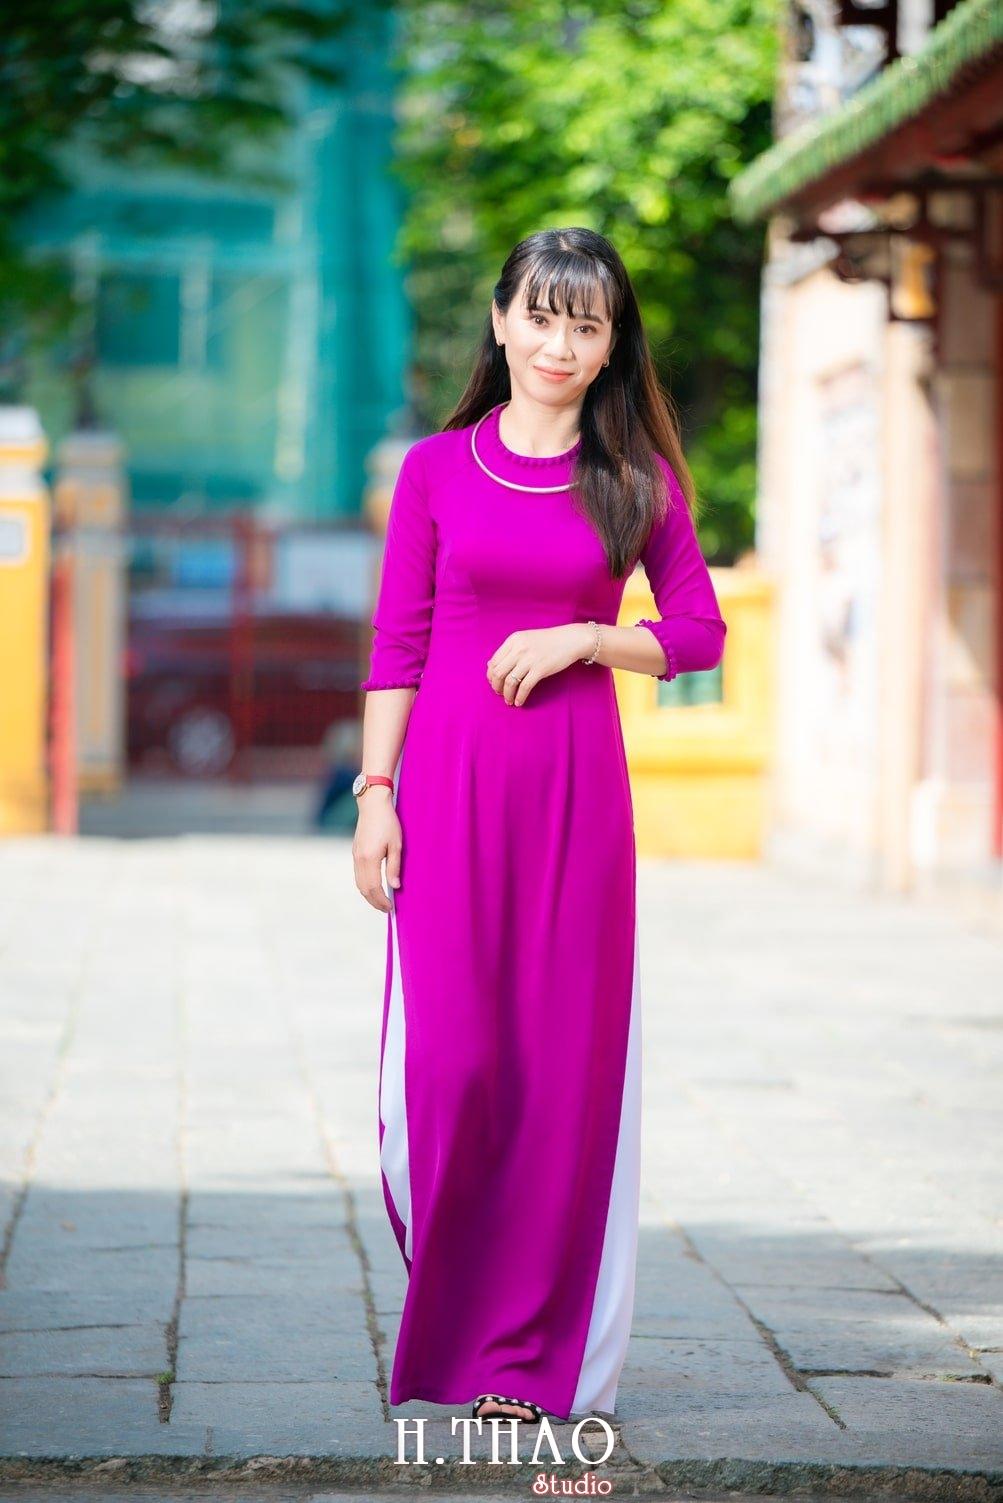 Ao dai viet nam 9 - Album áo dài tím, áo dài trắng thướt tha trong gió - HThao Studio